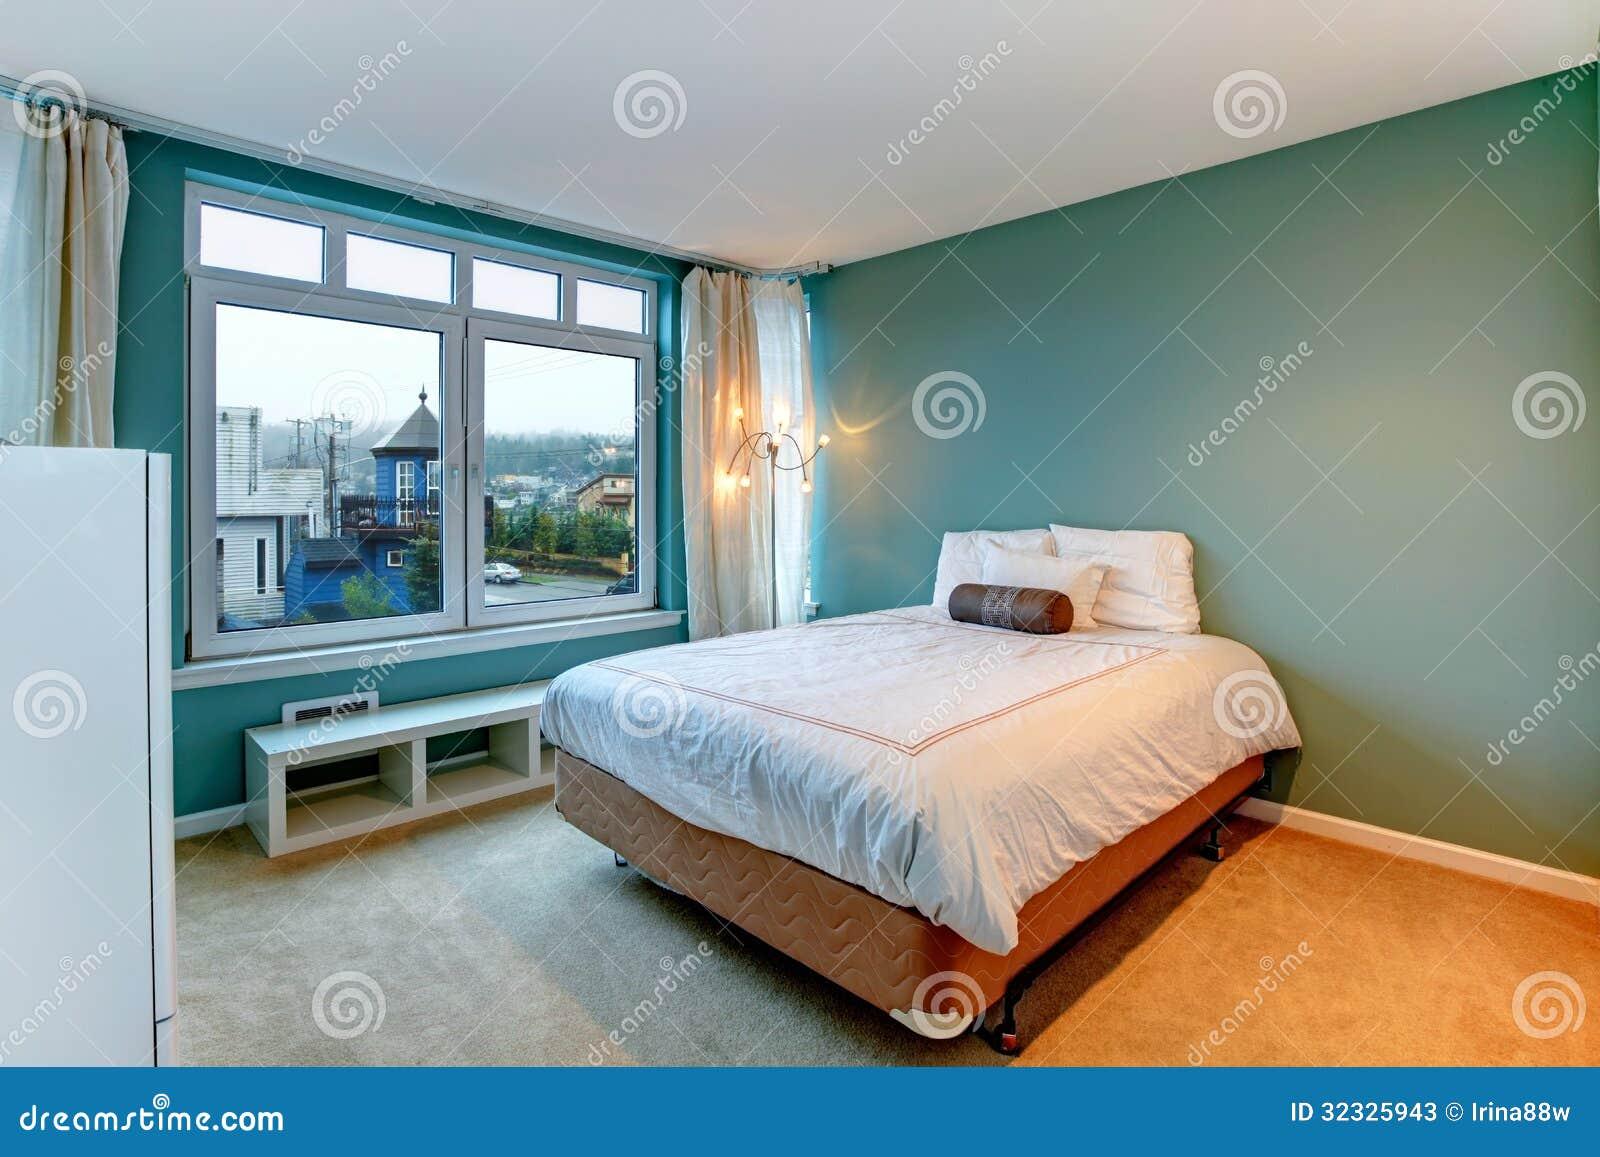 Design Slaapkamer Meubilair : Groene slaapkamer met wit bed en meubilair stock afbeelding